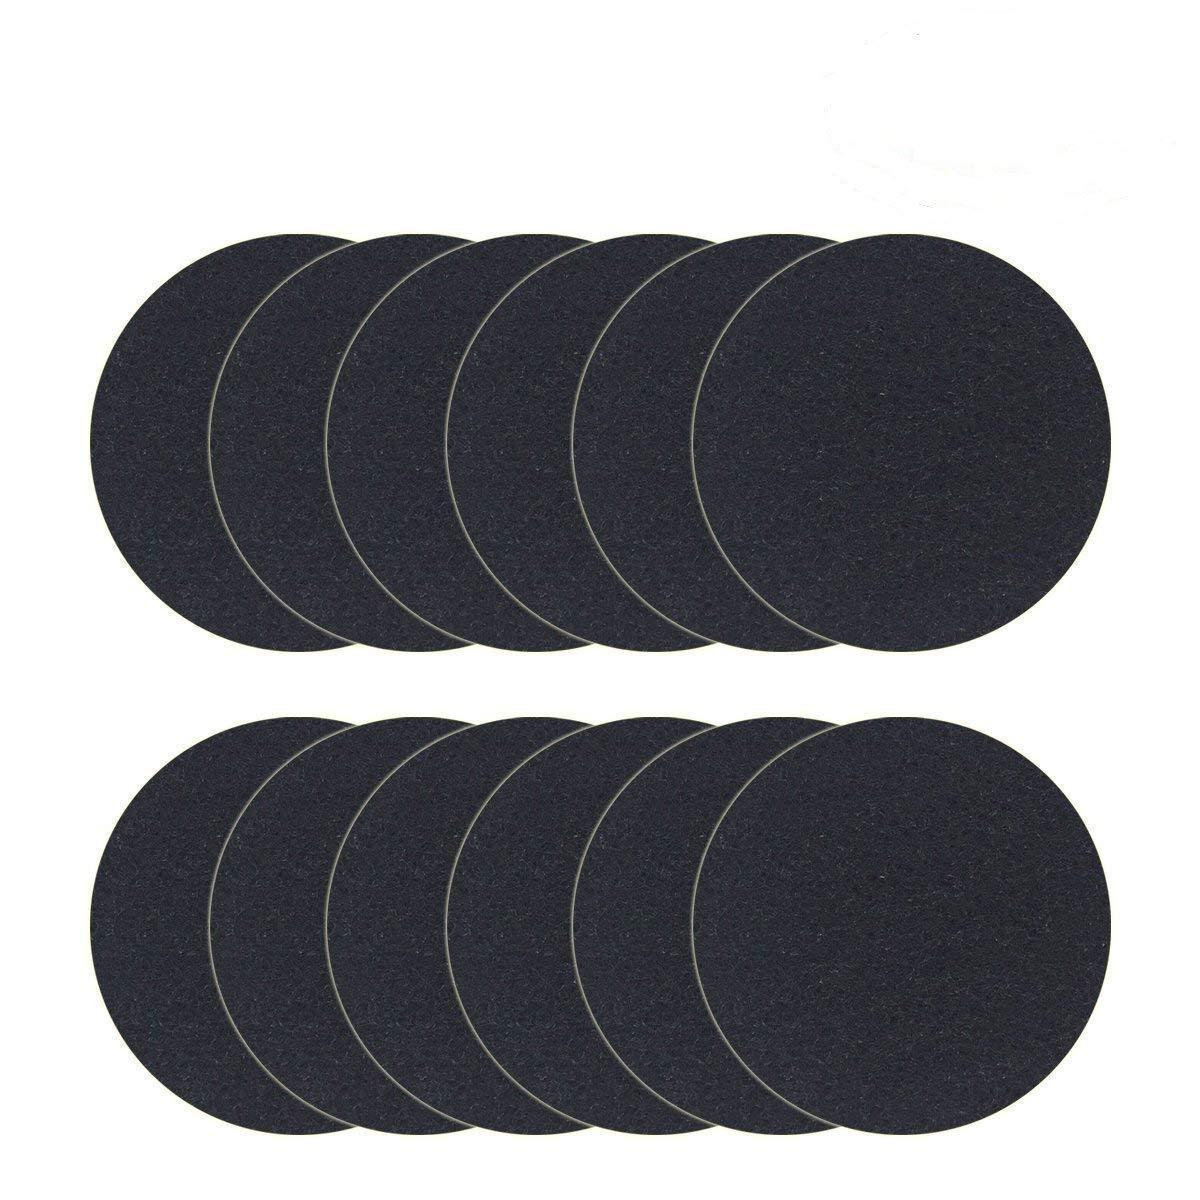 MMBOX Ersatz-Kohlefilter für Komposteimer/Komposteimer / Komposteimer/Ersatz-Kohlefilter/Kohlefilter für die Küche, 19,8 cm, rund, 12 Stück 12 Stück